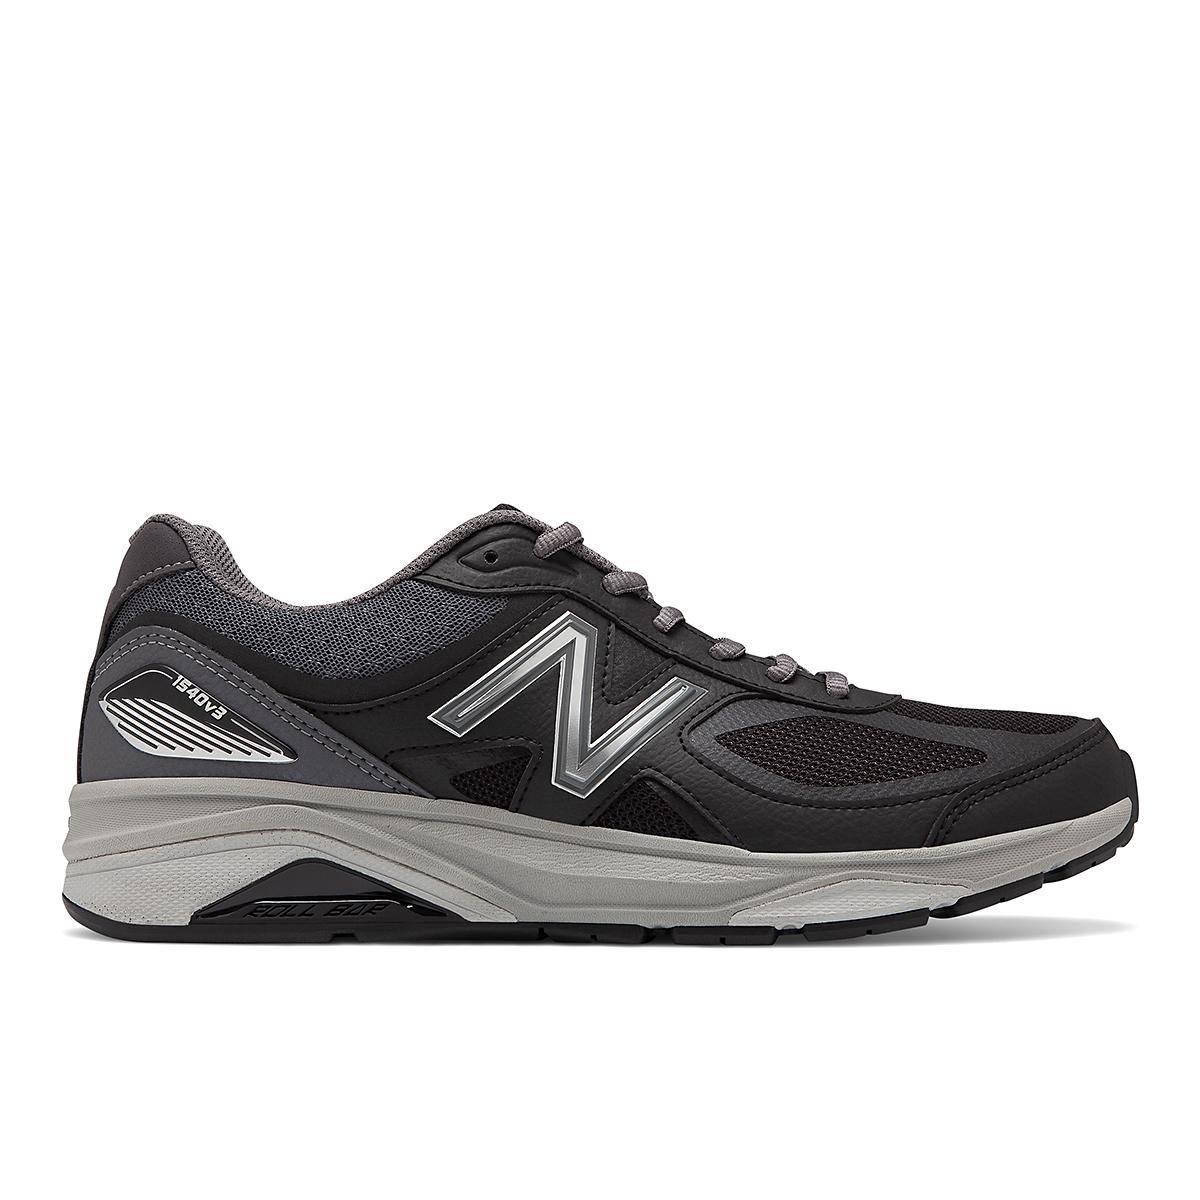 Men's New Balance 1540V3 Walking Shoe - Color: Black - Size: 7 - Width: Wide, Black, large, image 1